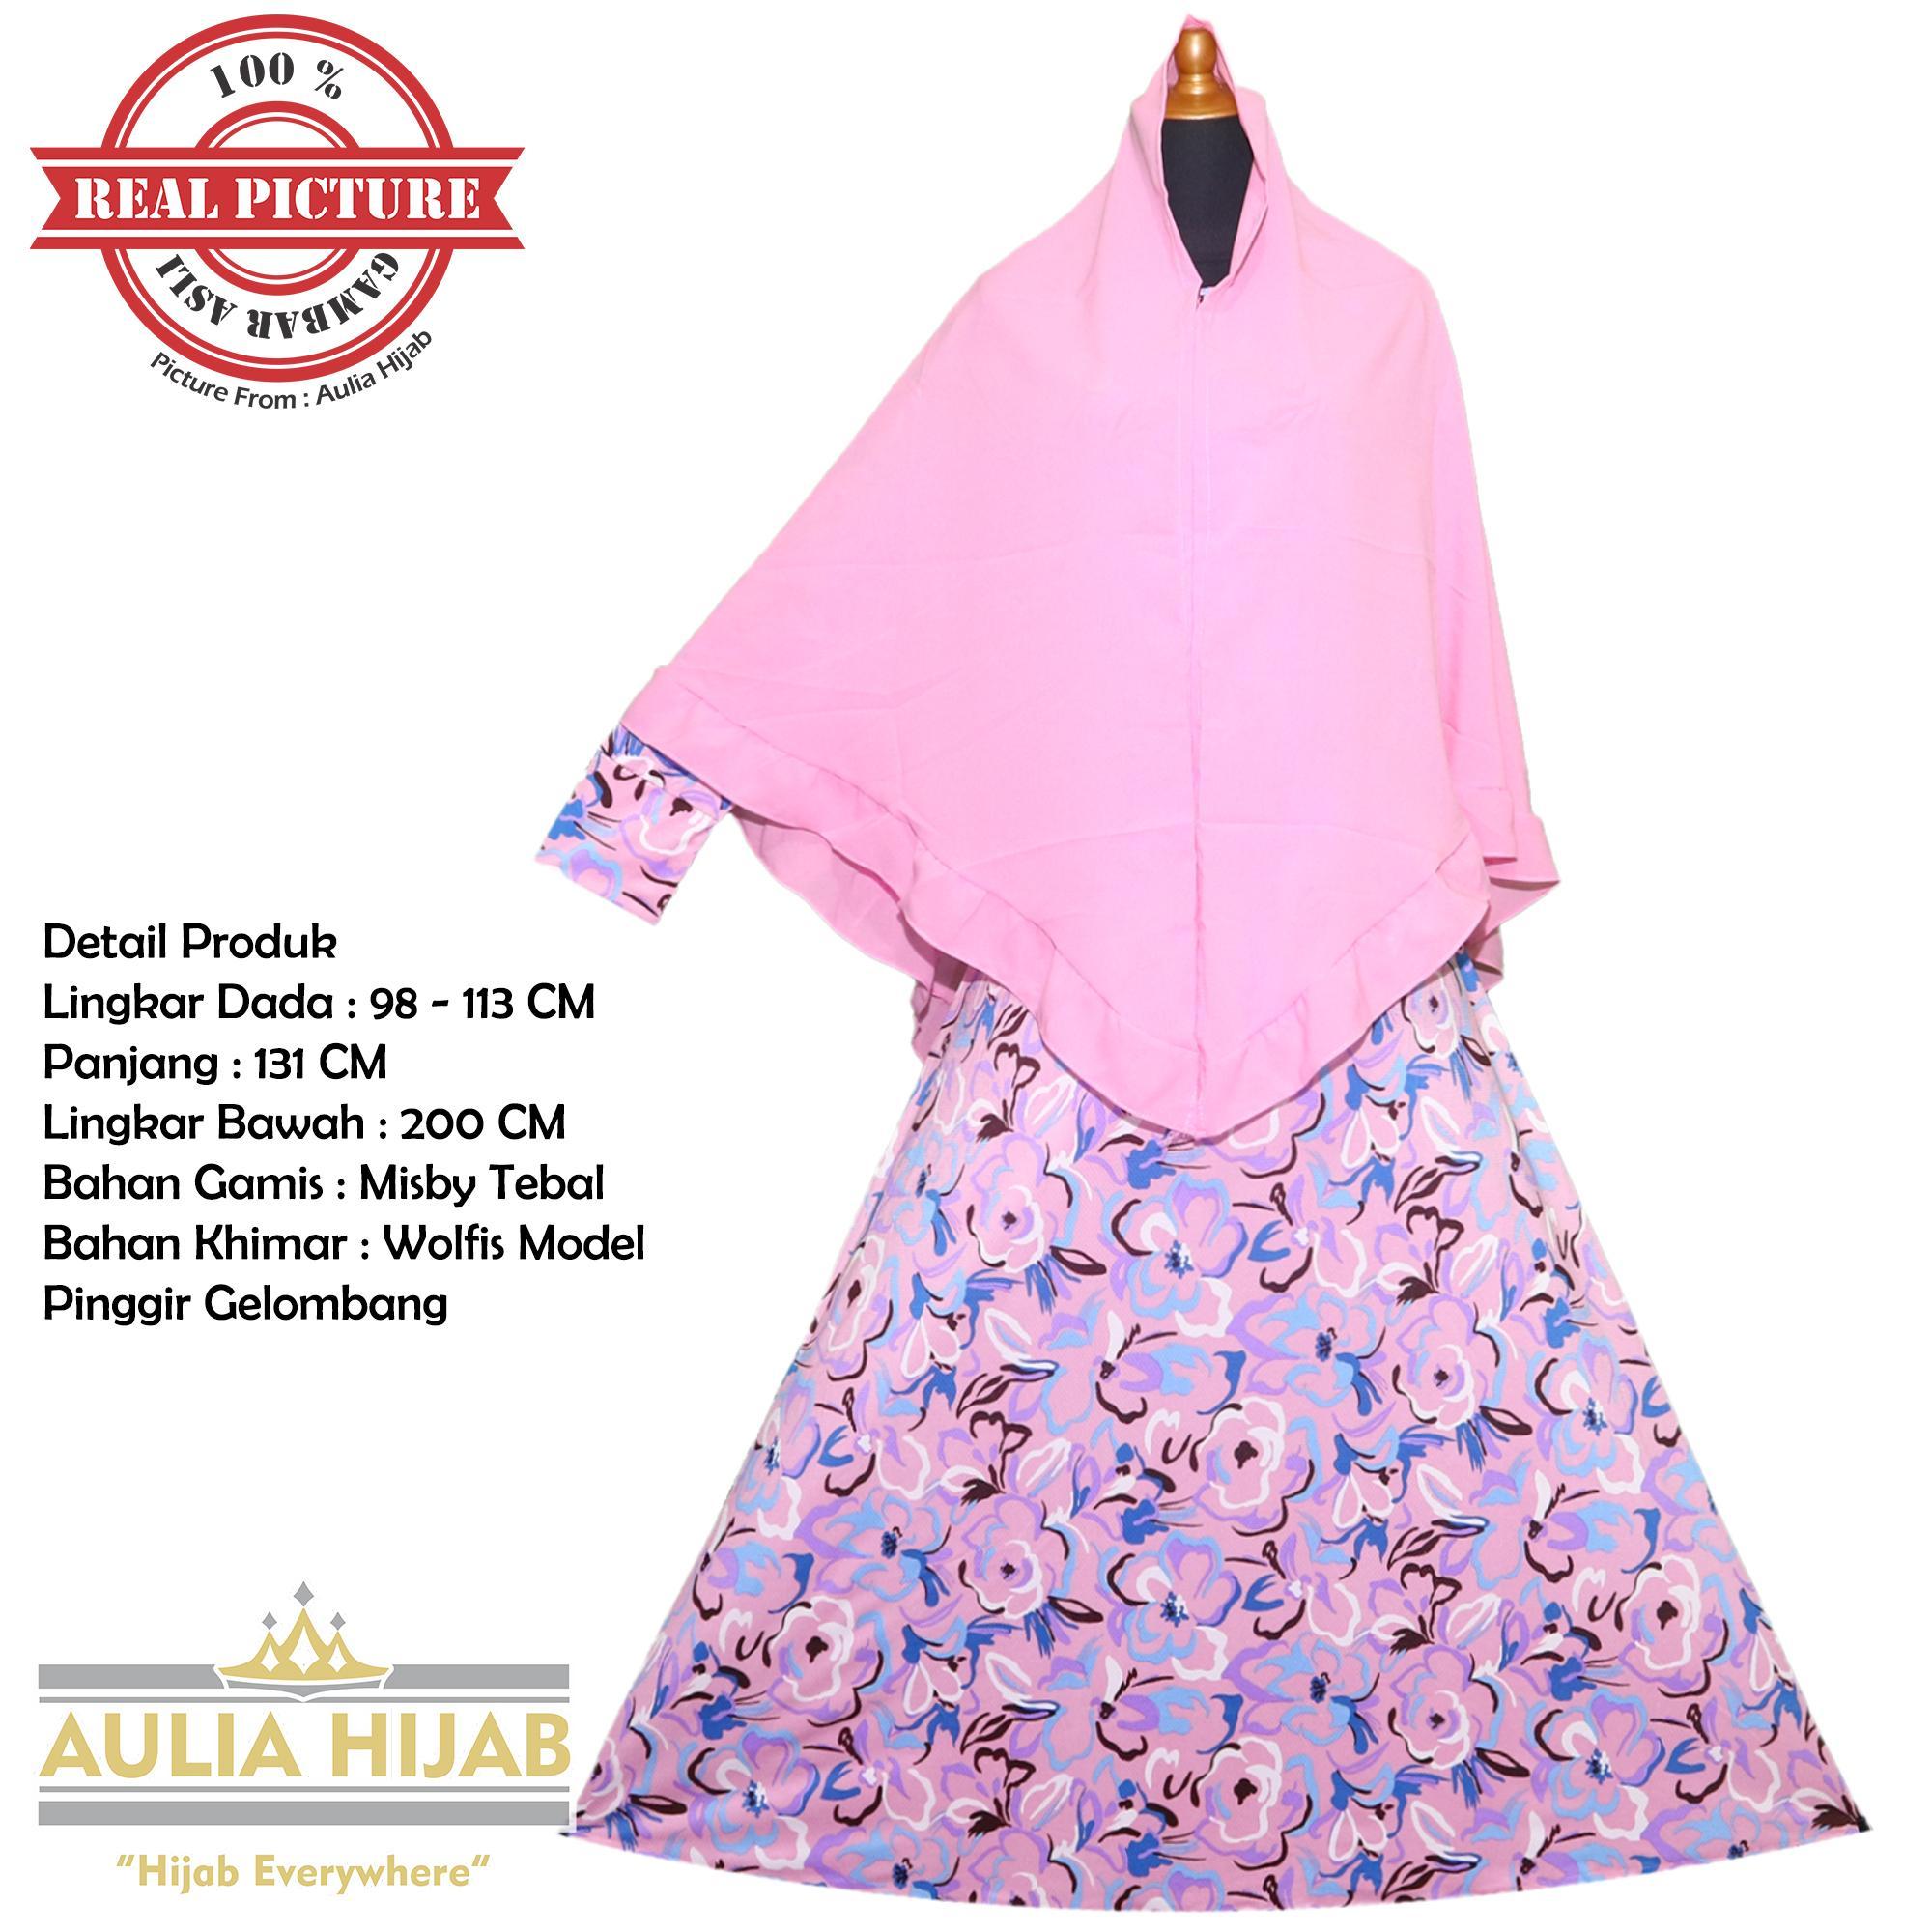 Aulia Hijab - New Fira Syar'i/Gamis Syar'i/Gamis Misby/Gamis Wolfis/Gamis Laser/Gamis Murah/Gamis Terbaru/Gamis Jilbab/Gamis Plus Jilbab/Gamis Jilbab Panjang/Gamis Plus Khimar/Gamis Pesta/Gamis Cantik